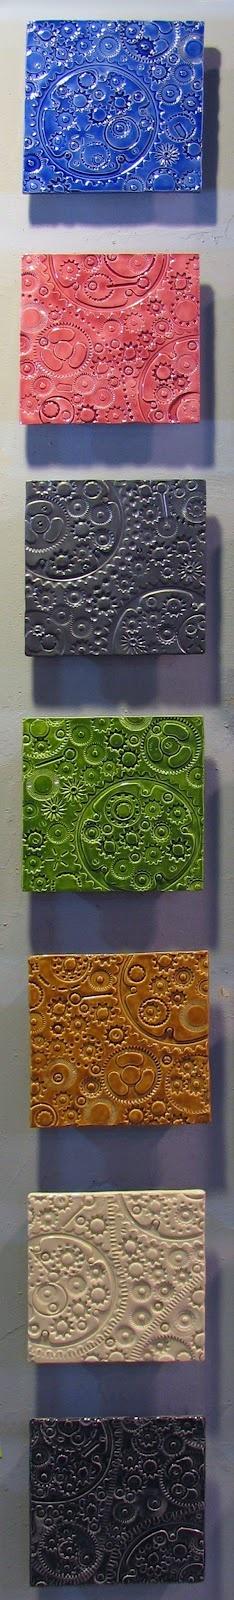 Gear Tiles - Vertical ceramic wall art tile Murals from JasonMessingerArt.com